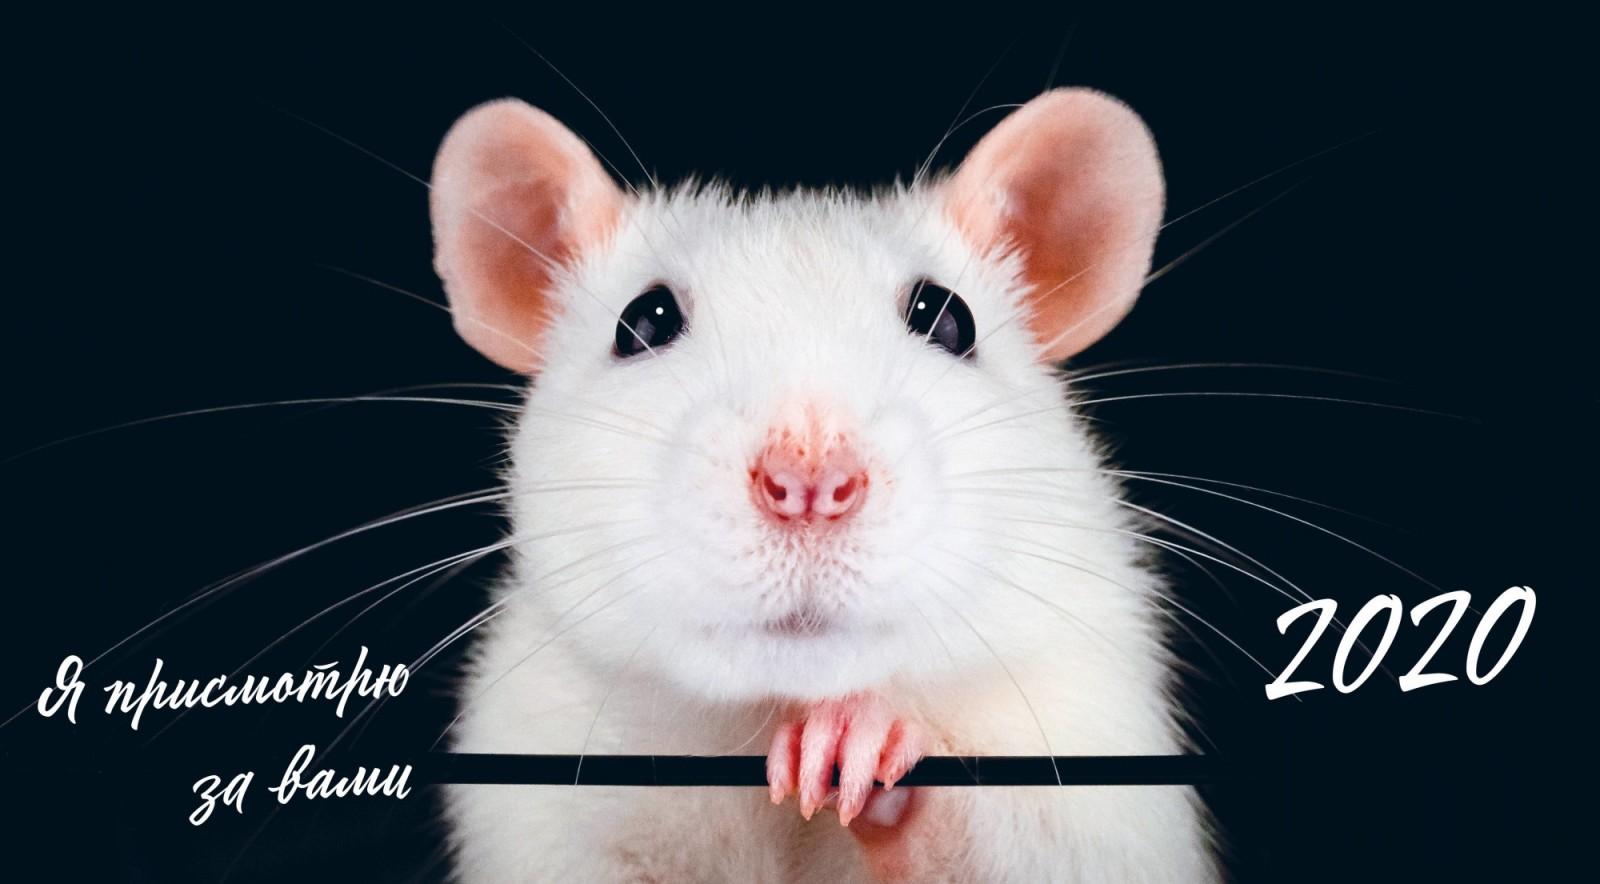 этих прикольные картинки года белой крысы почему-то именно этот